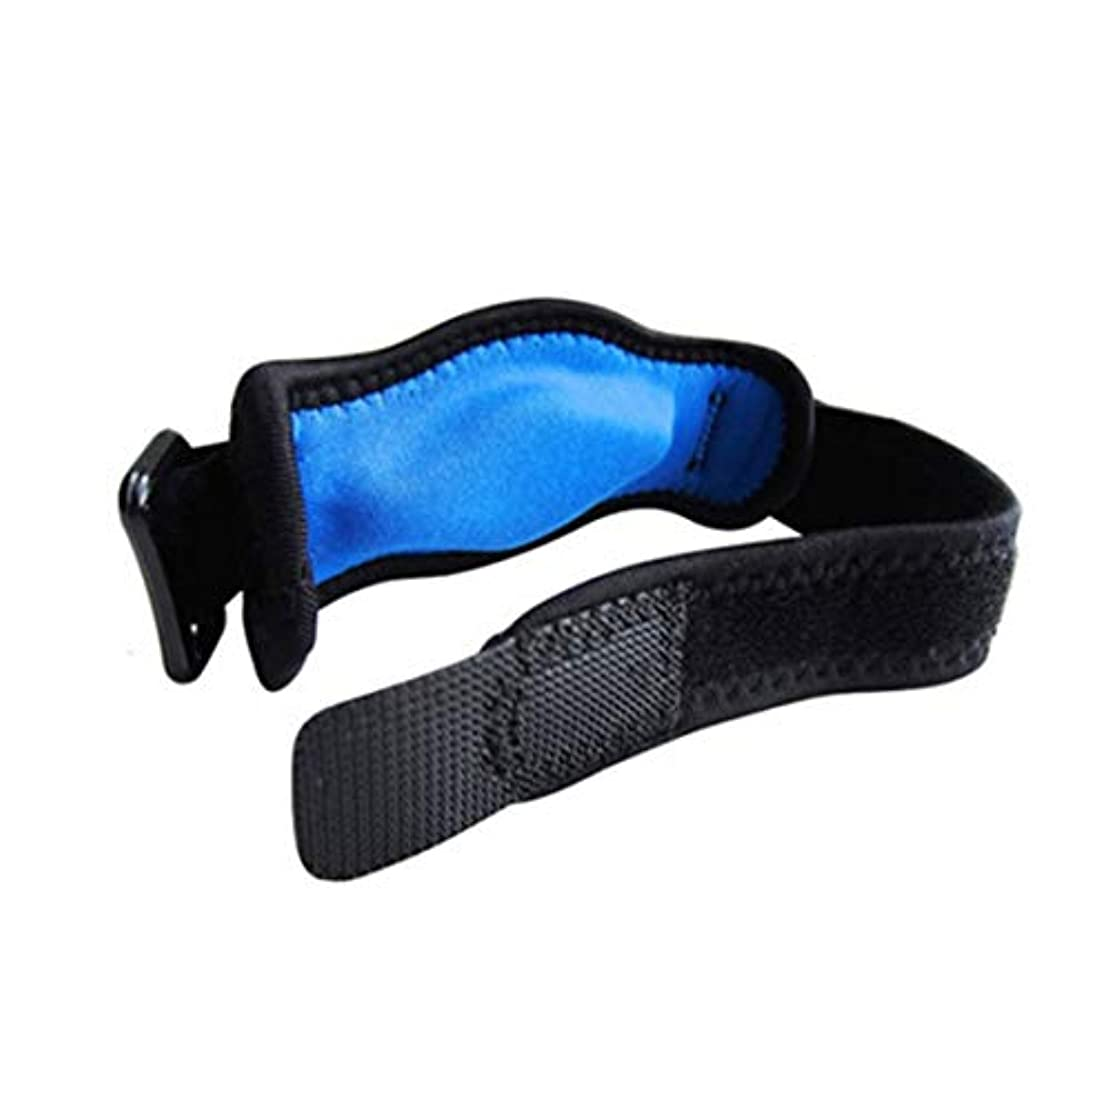 規制ハリケーン擬人調節可能なテニス肘サポートストラップブレースゴルフ前腕痛み緩和 - 黒